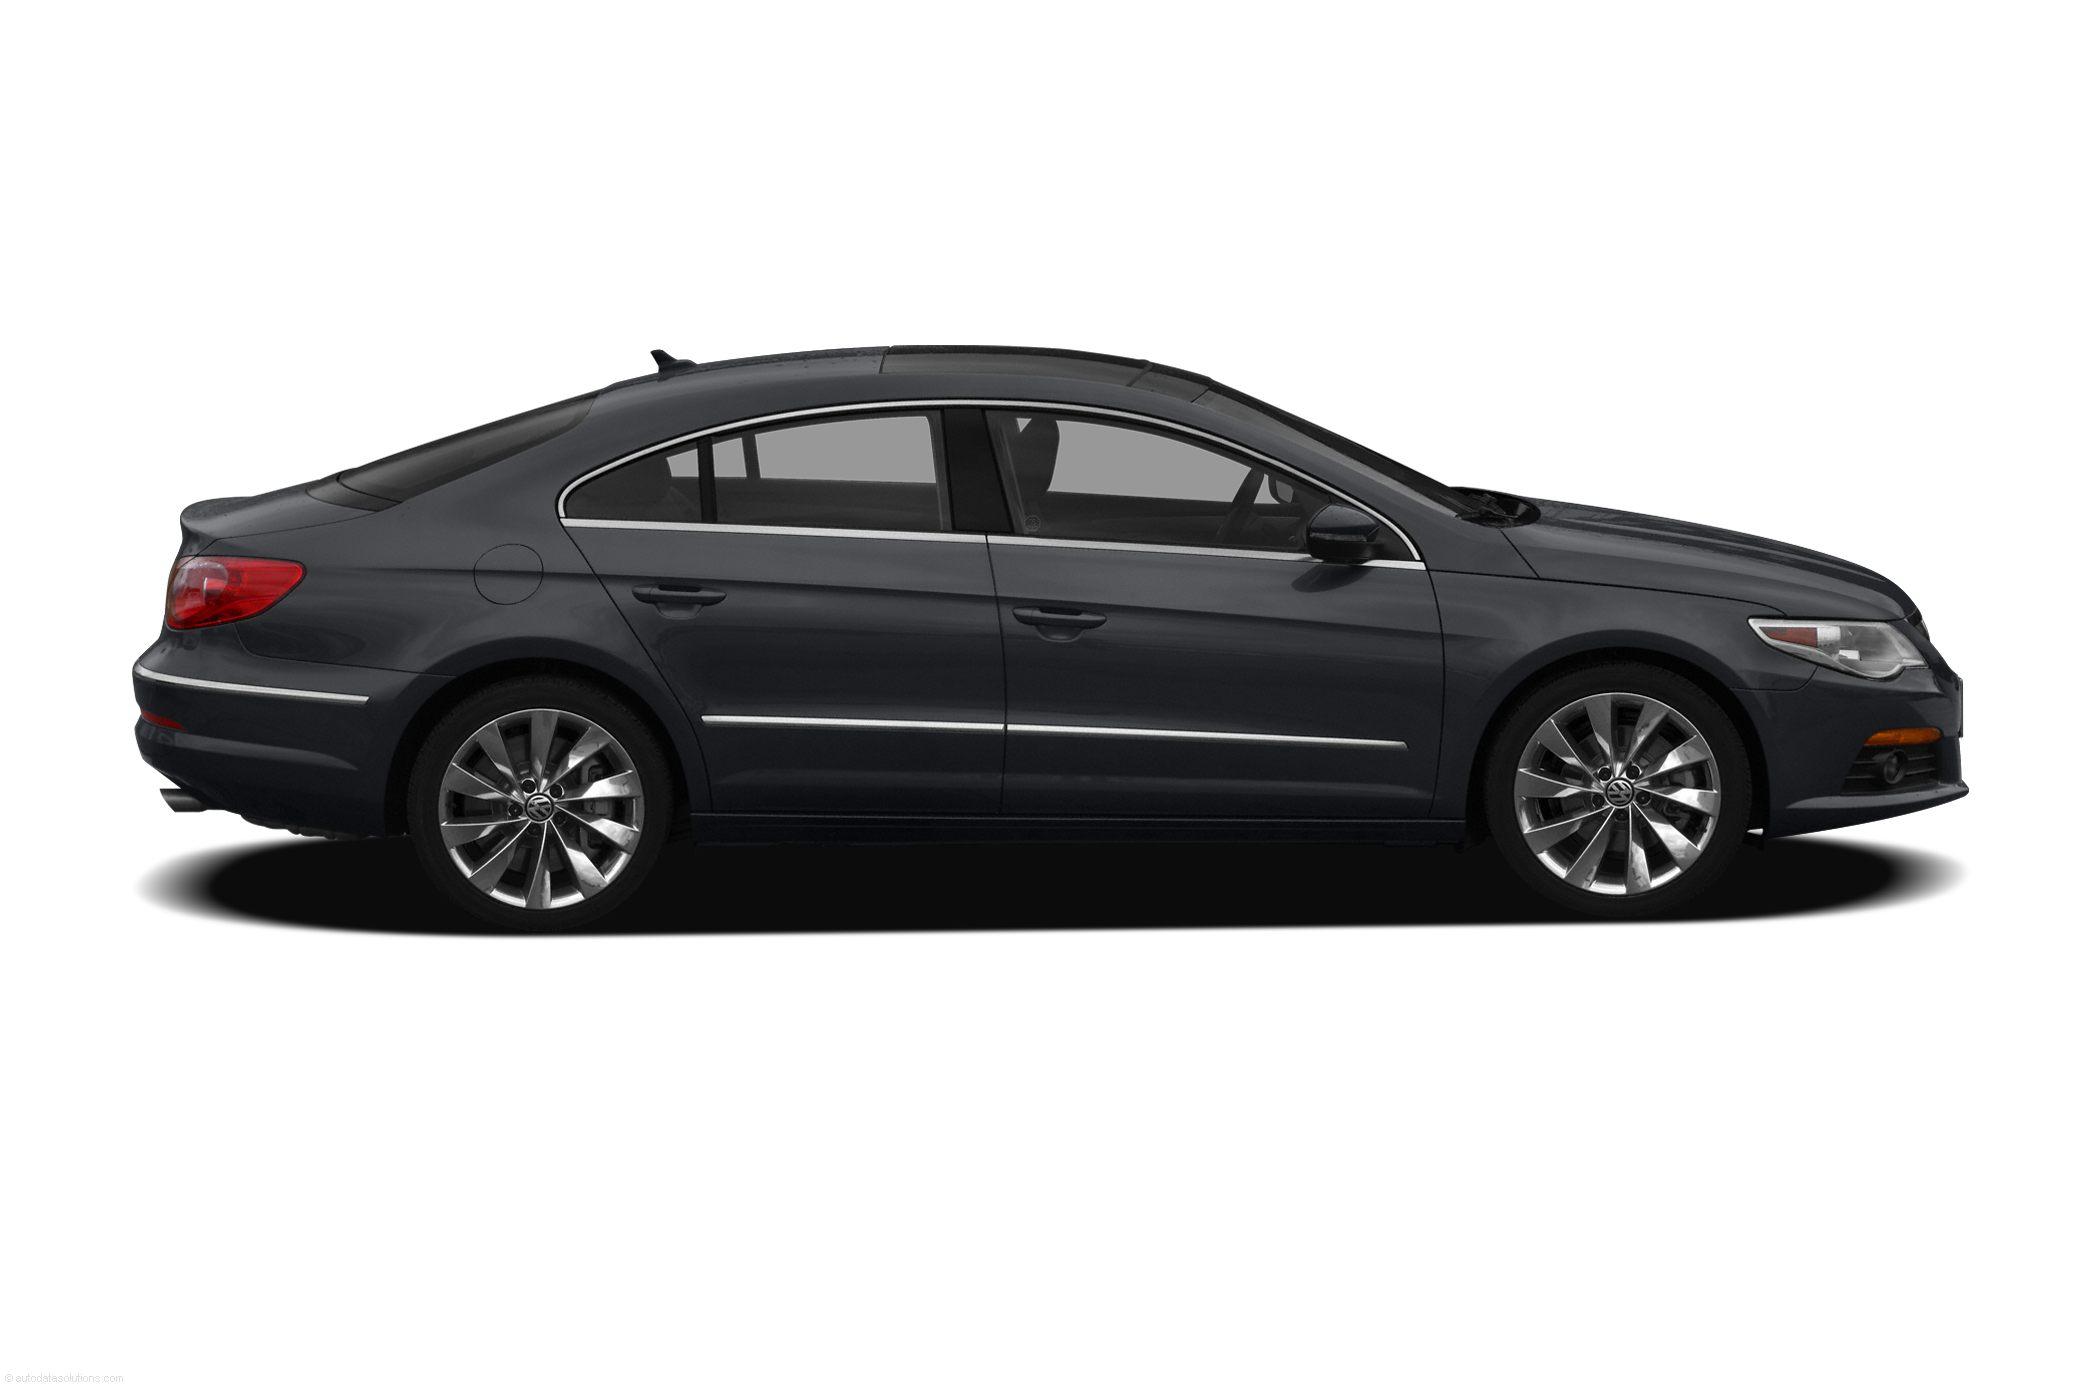 2011 Volkswagen Cc Image 8